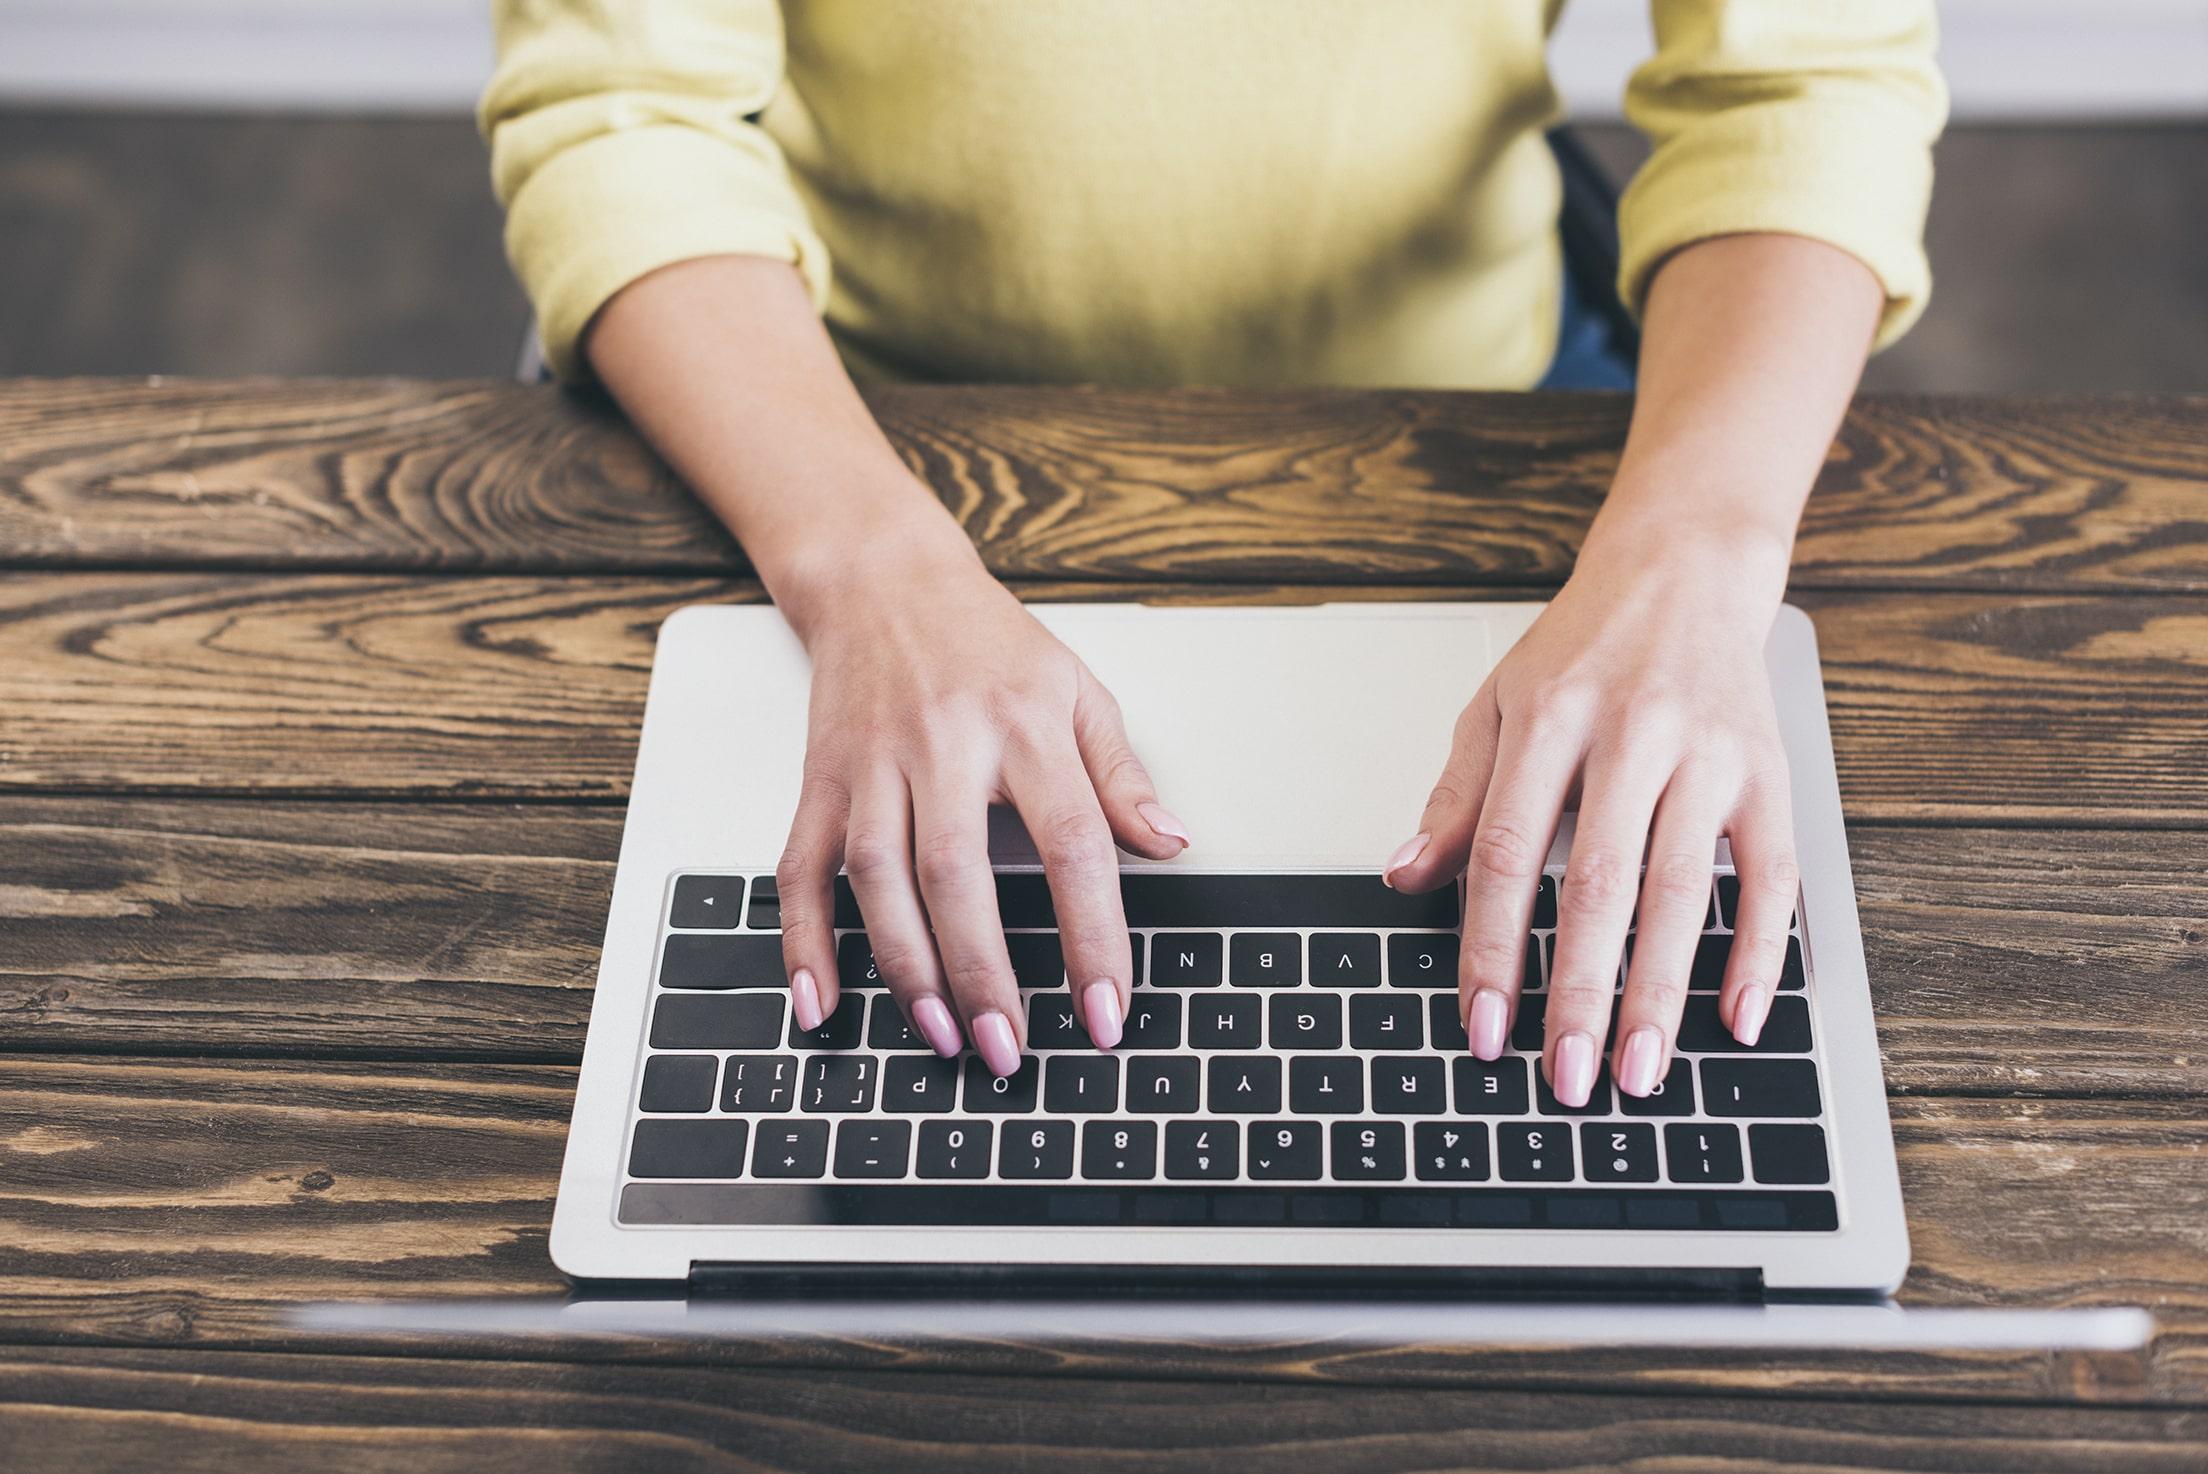 Escritora usando su ordenador portátil - Frases para ganar seguidores en Instagram